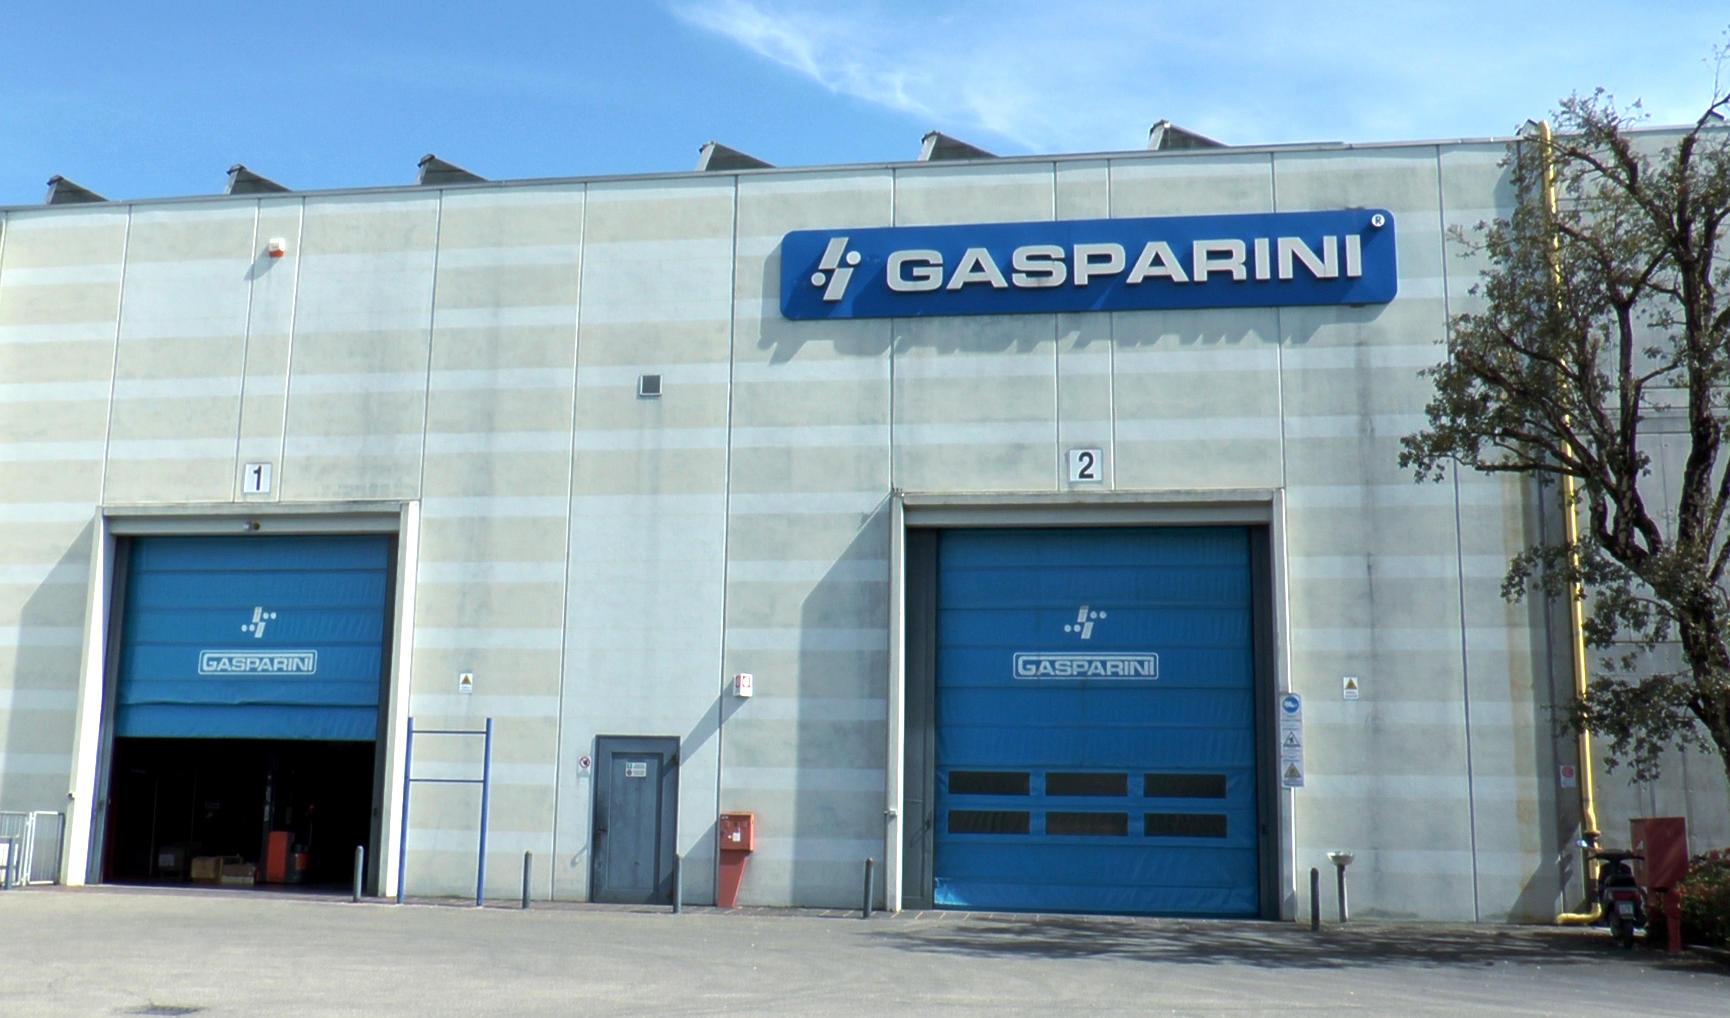 La Gasparini di Istrana (Treviso)